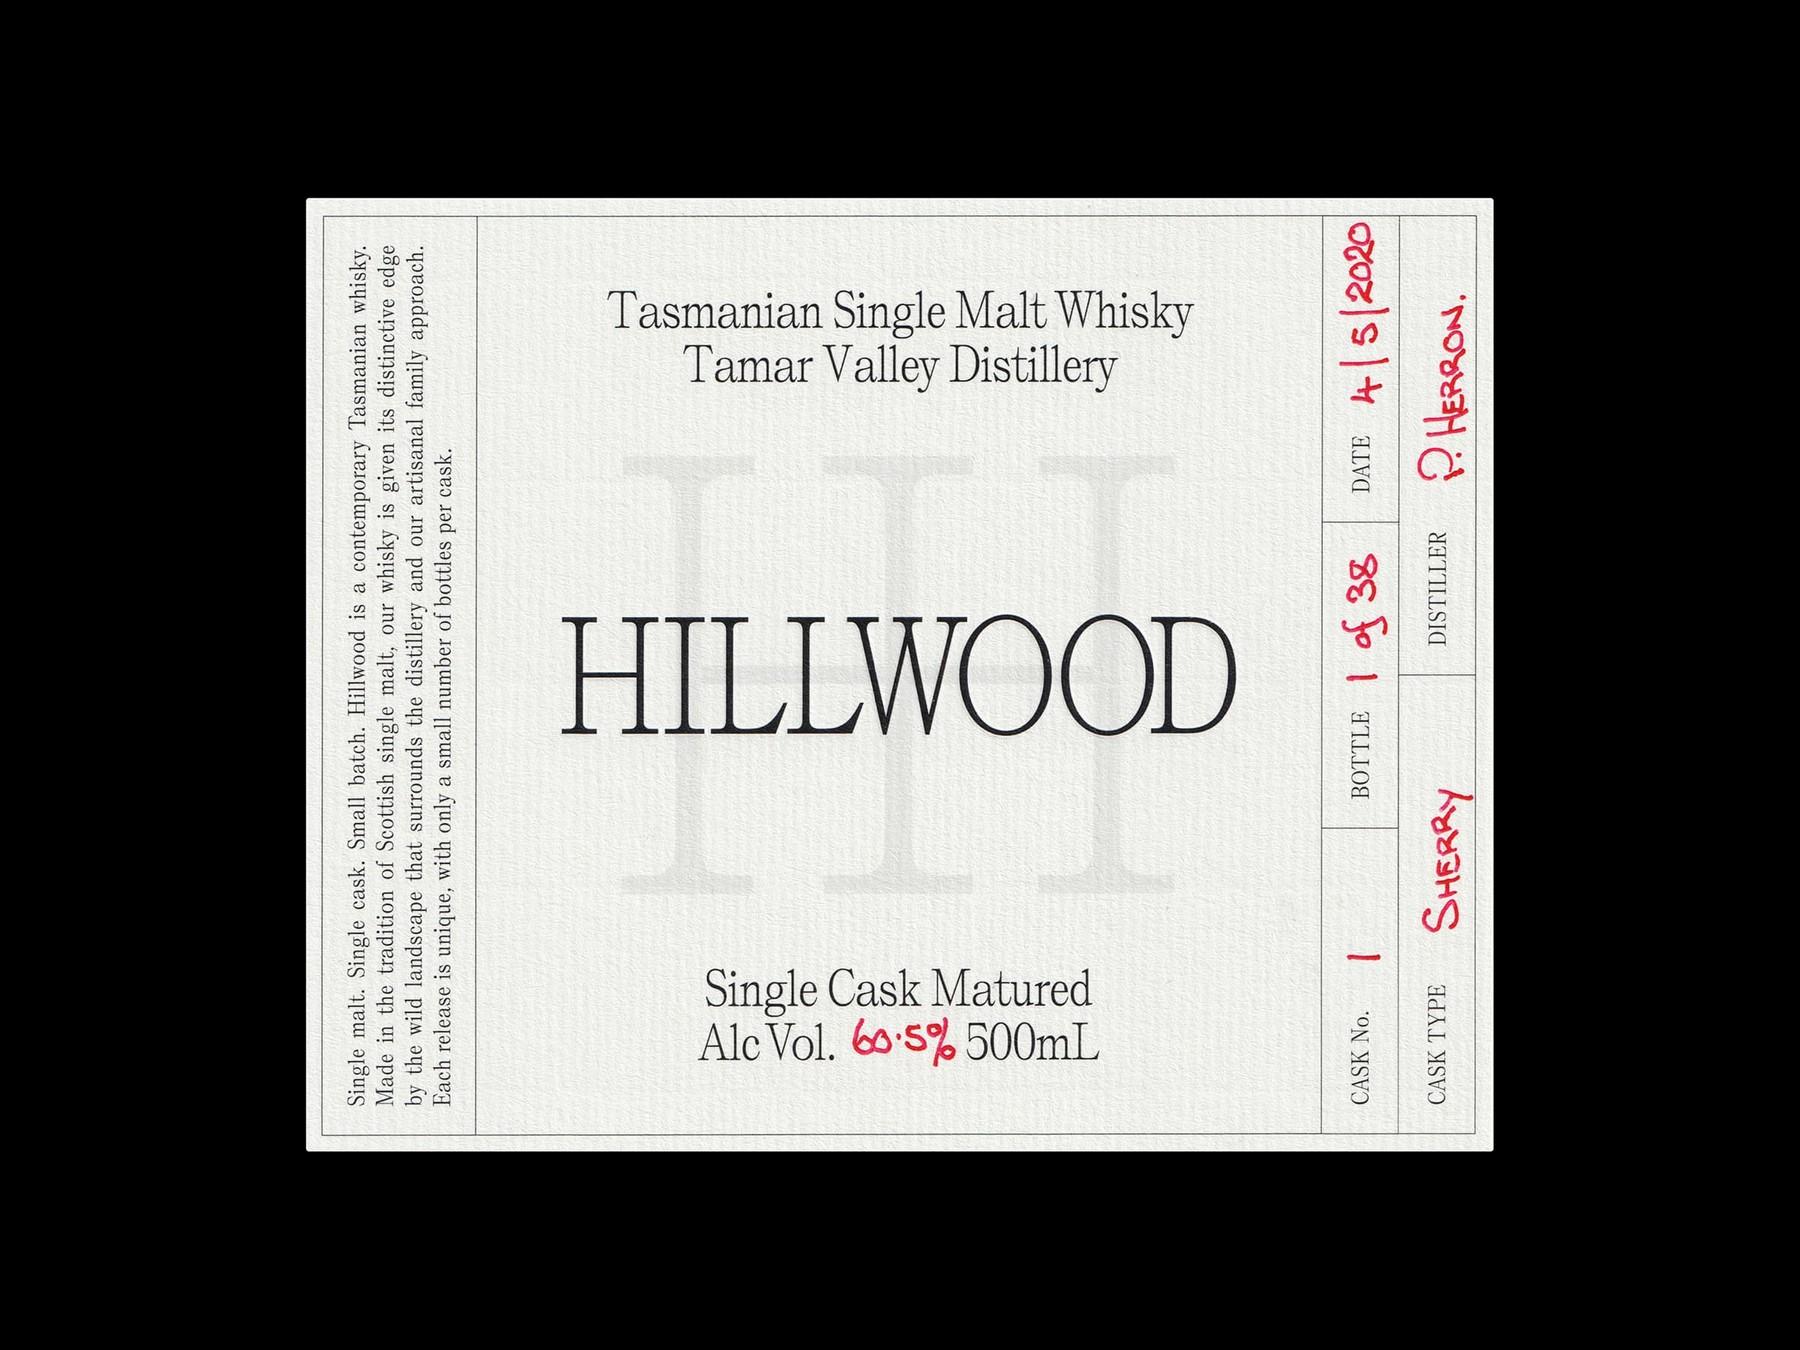 never-now-20-hillwood-whisky-9-1.jpg